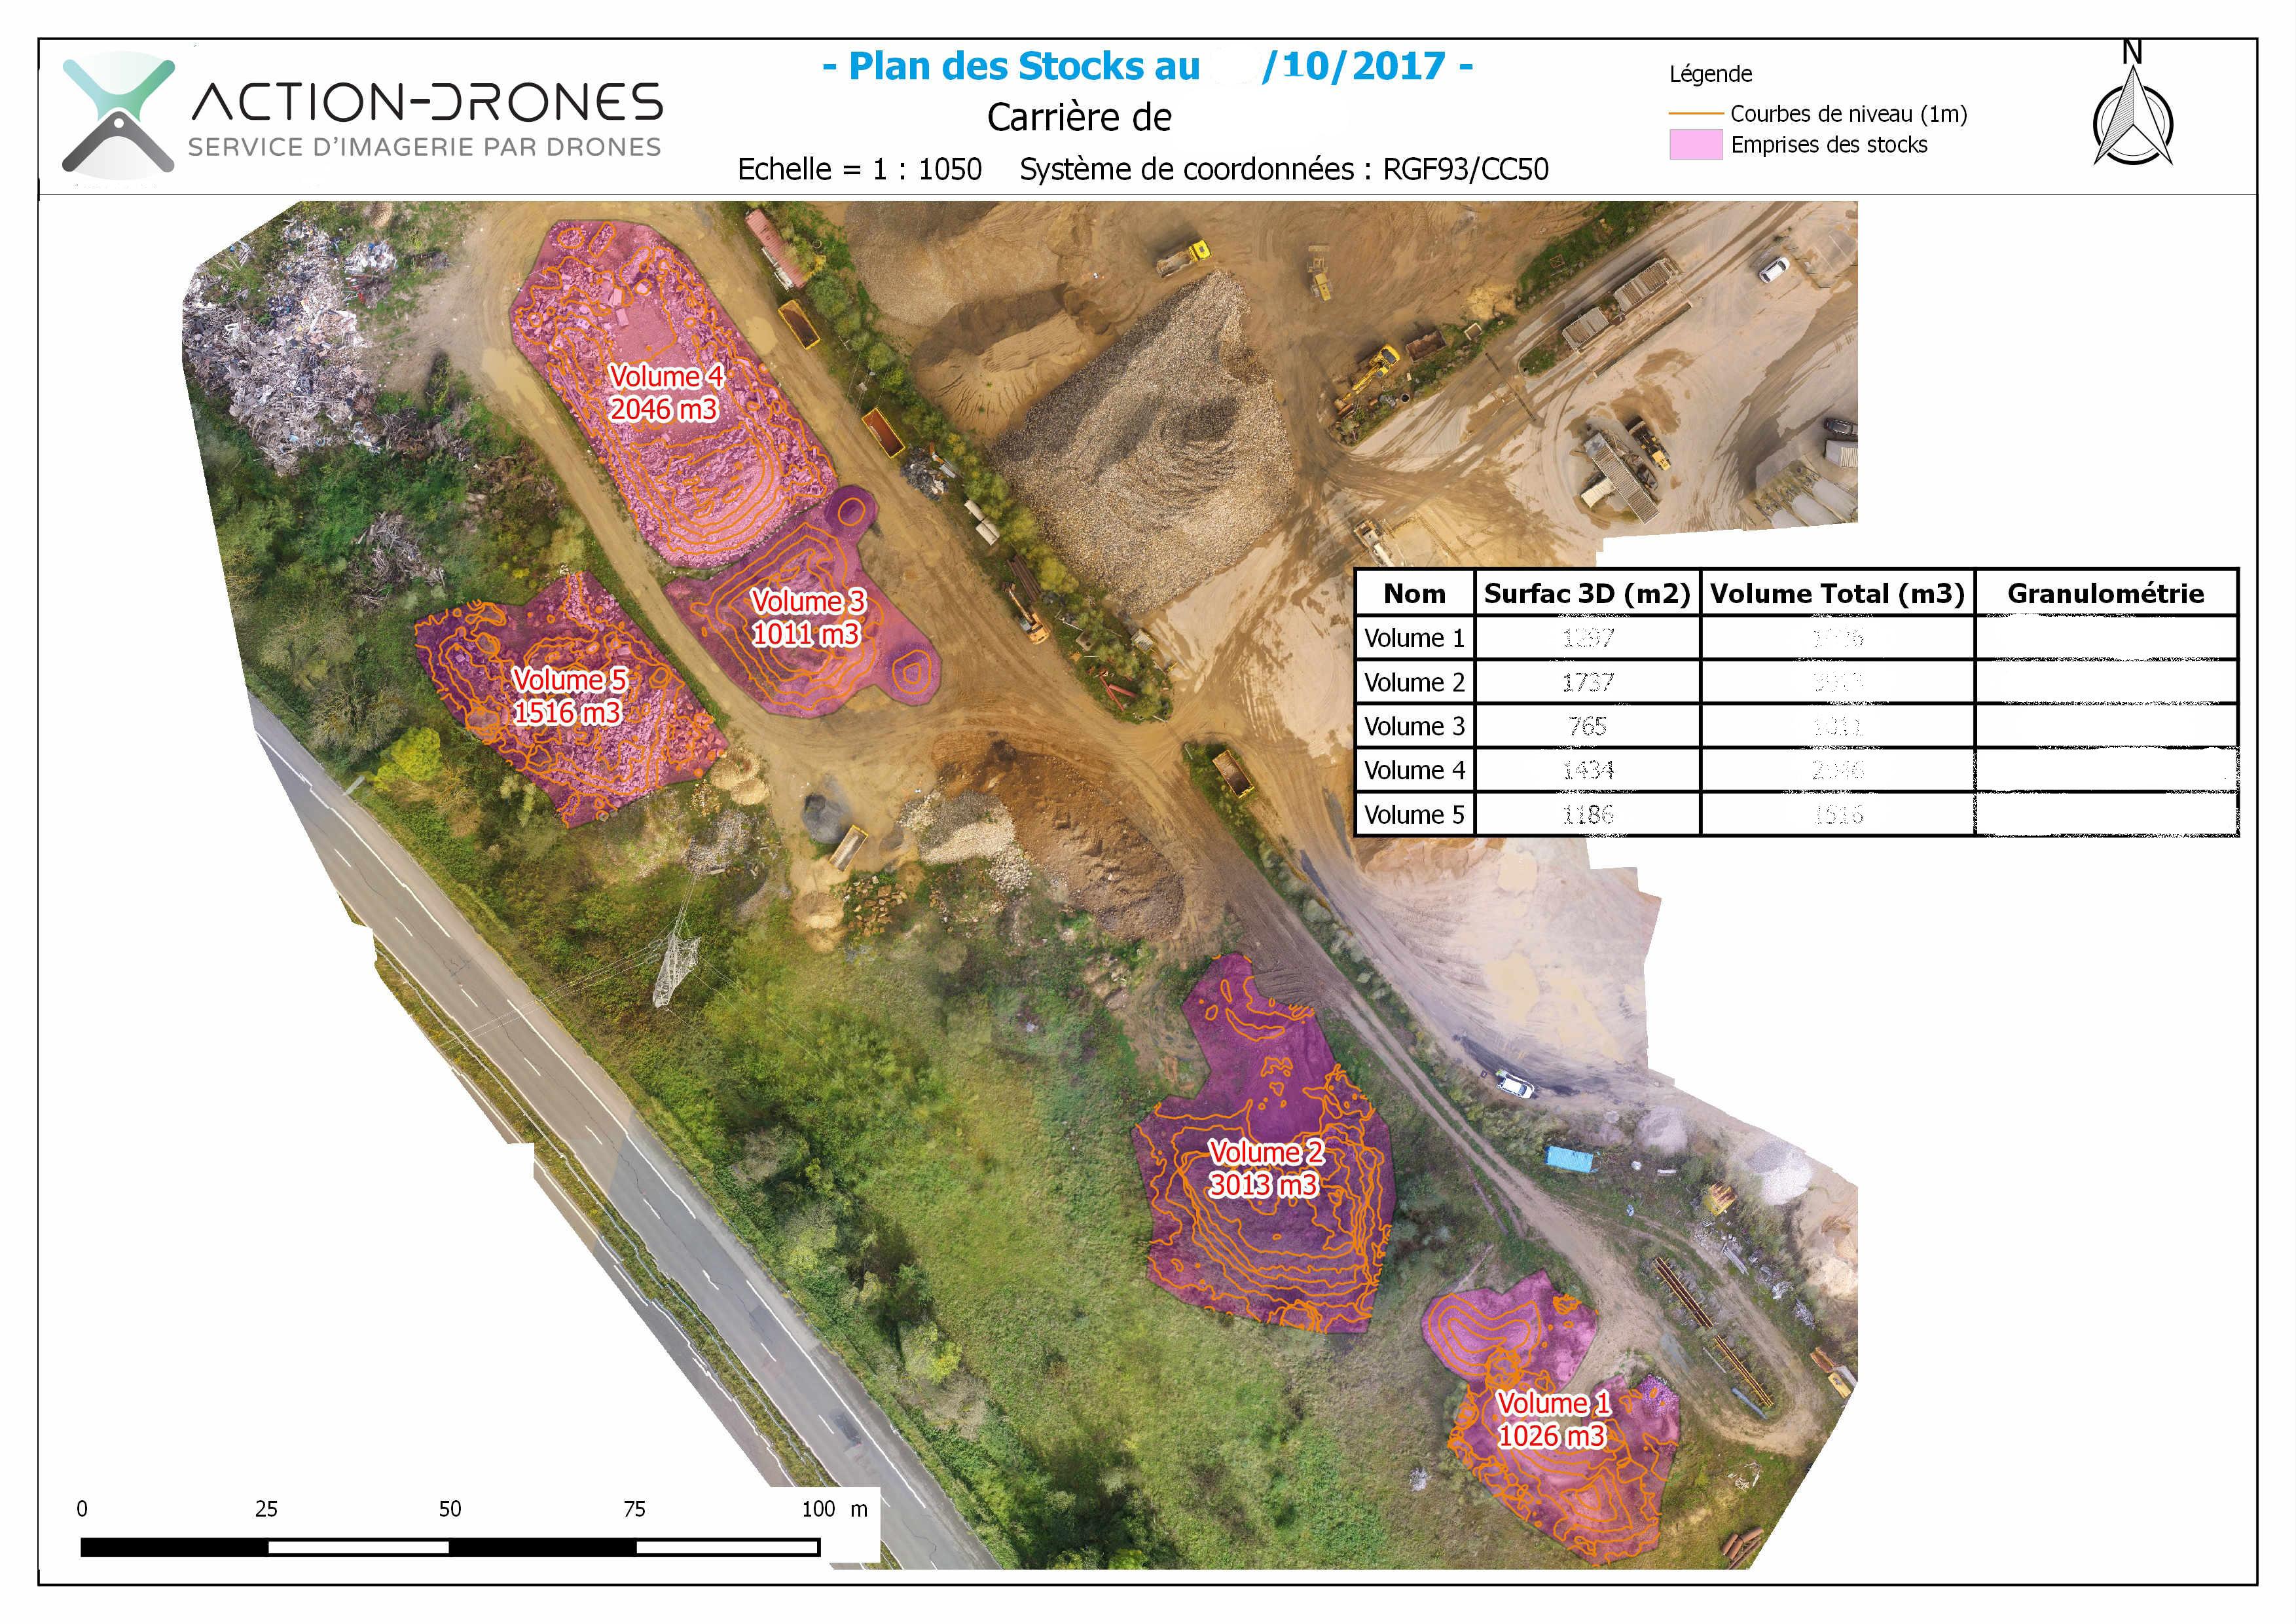 Plan des stocks par drone